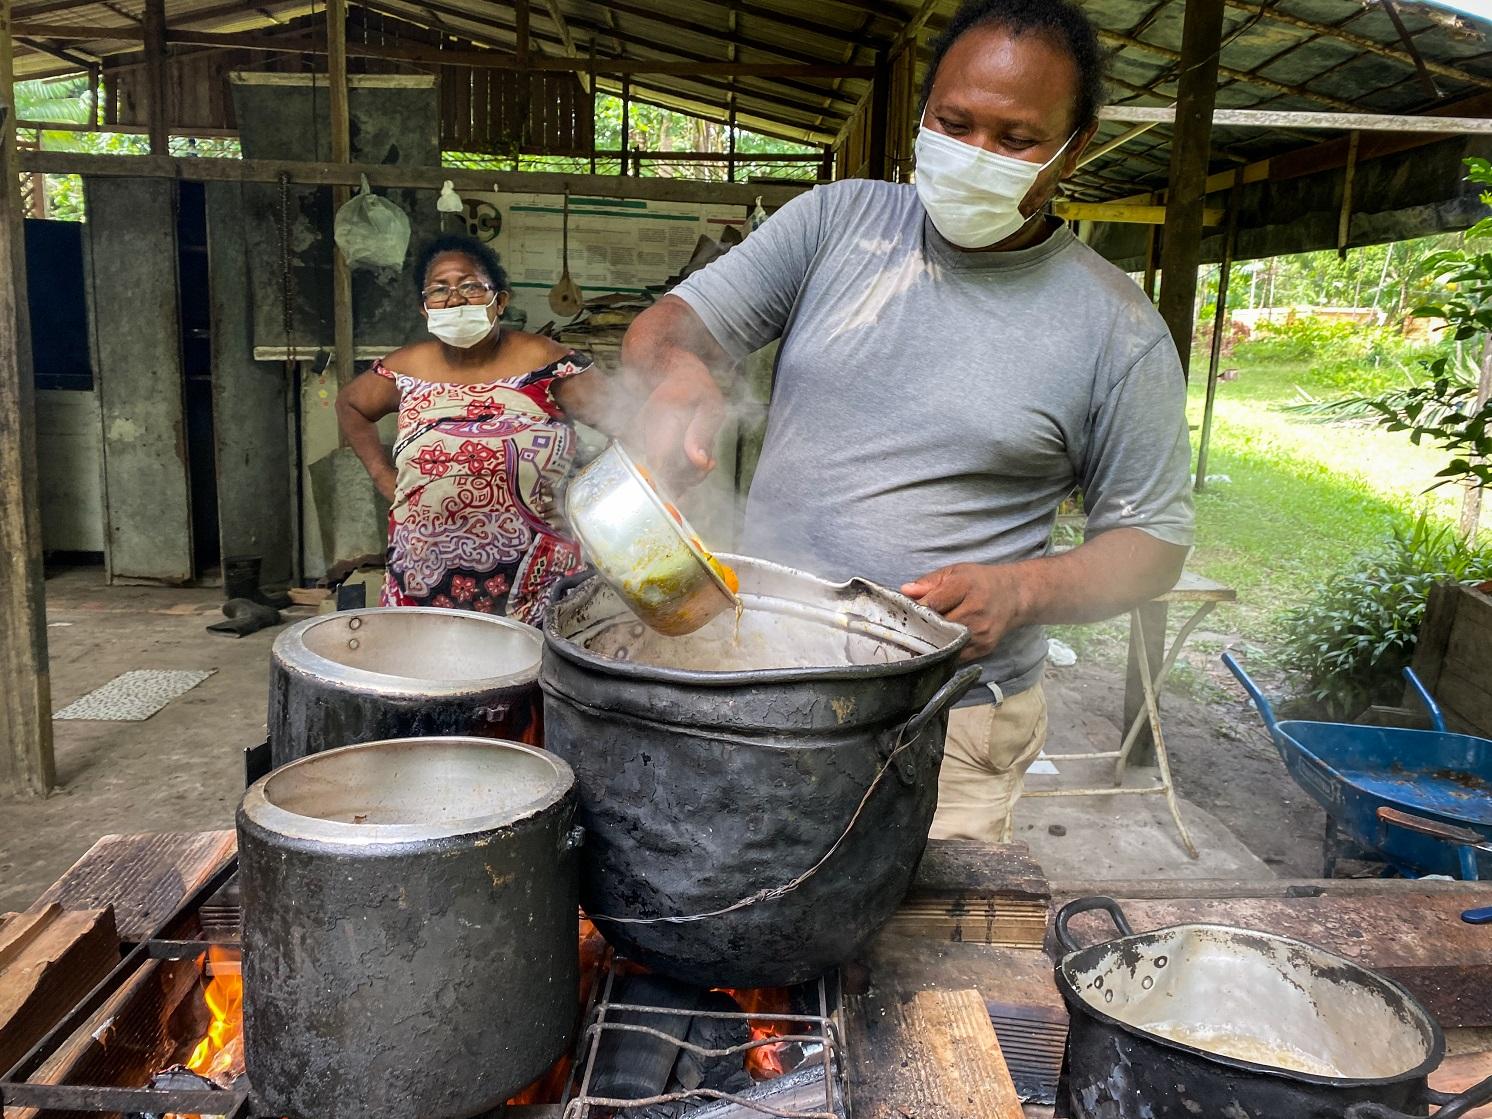 Raimundo Magno, presidente da Associação de Moradores da Comunidade Quilombola África, cozinhando pupunhas. Foto Pedrosa Neto